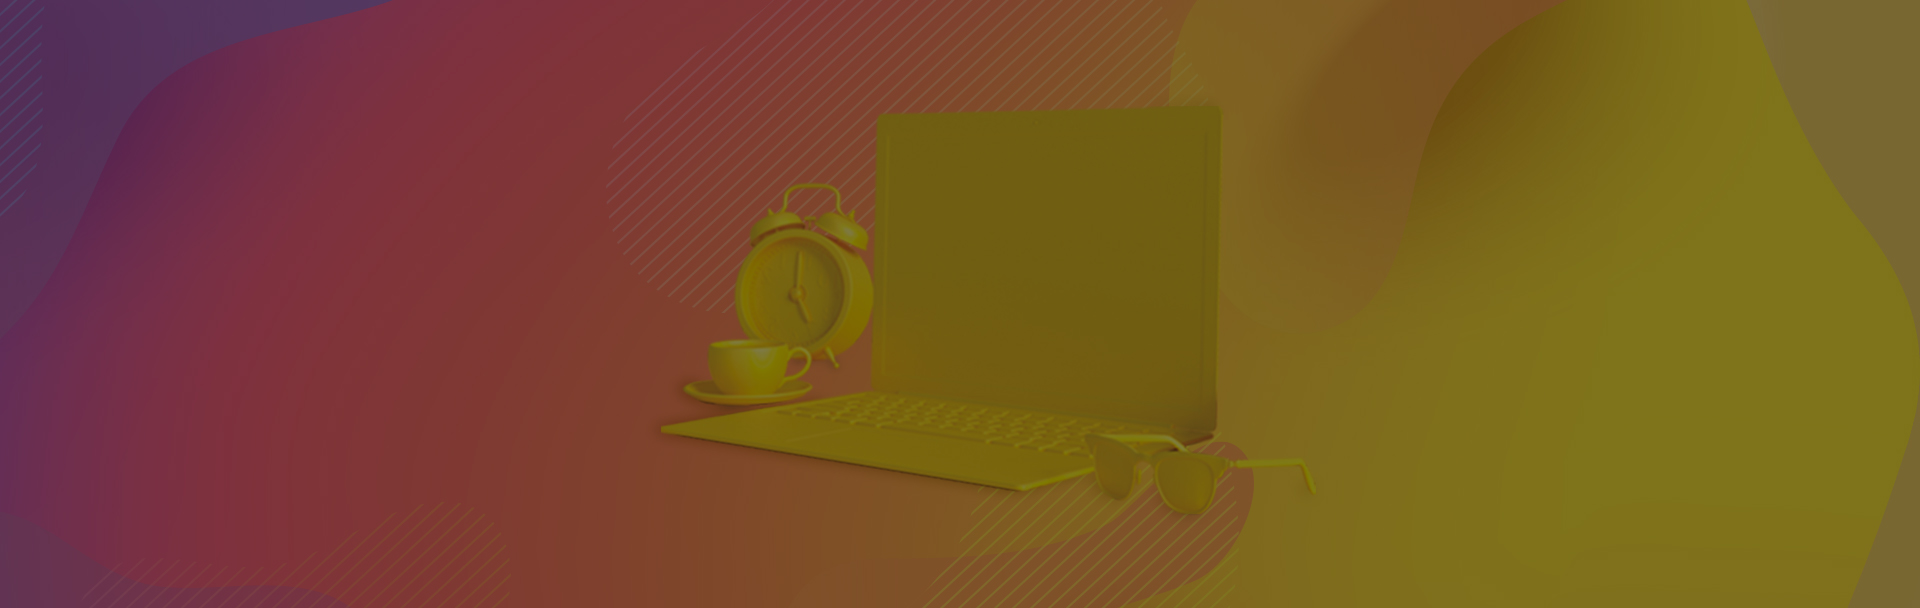 blog-solucionweb-que-es-CRM-como-aplicarlo-a-tu-negocio-Tres